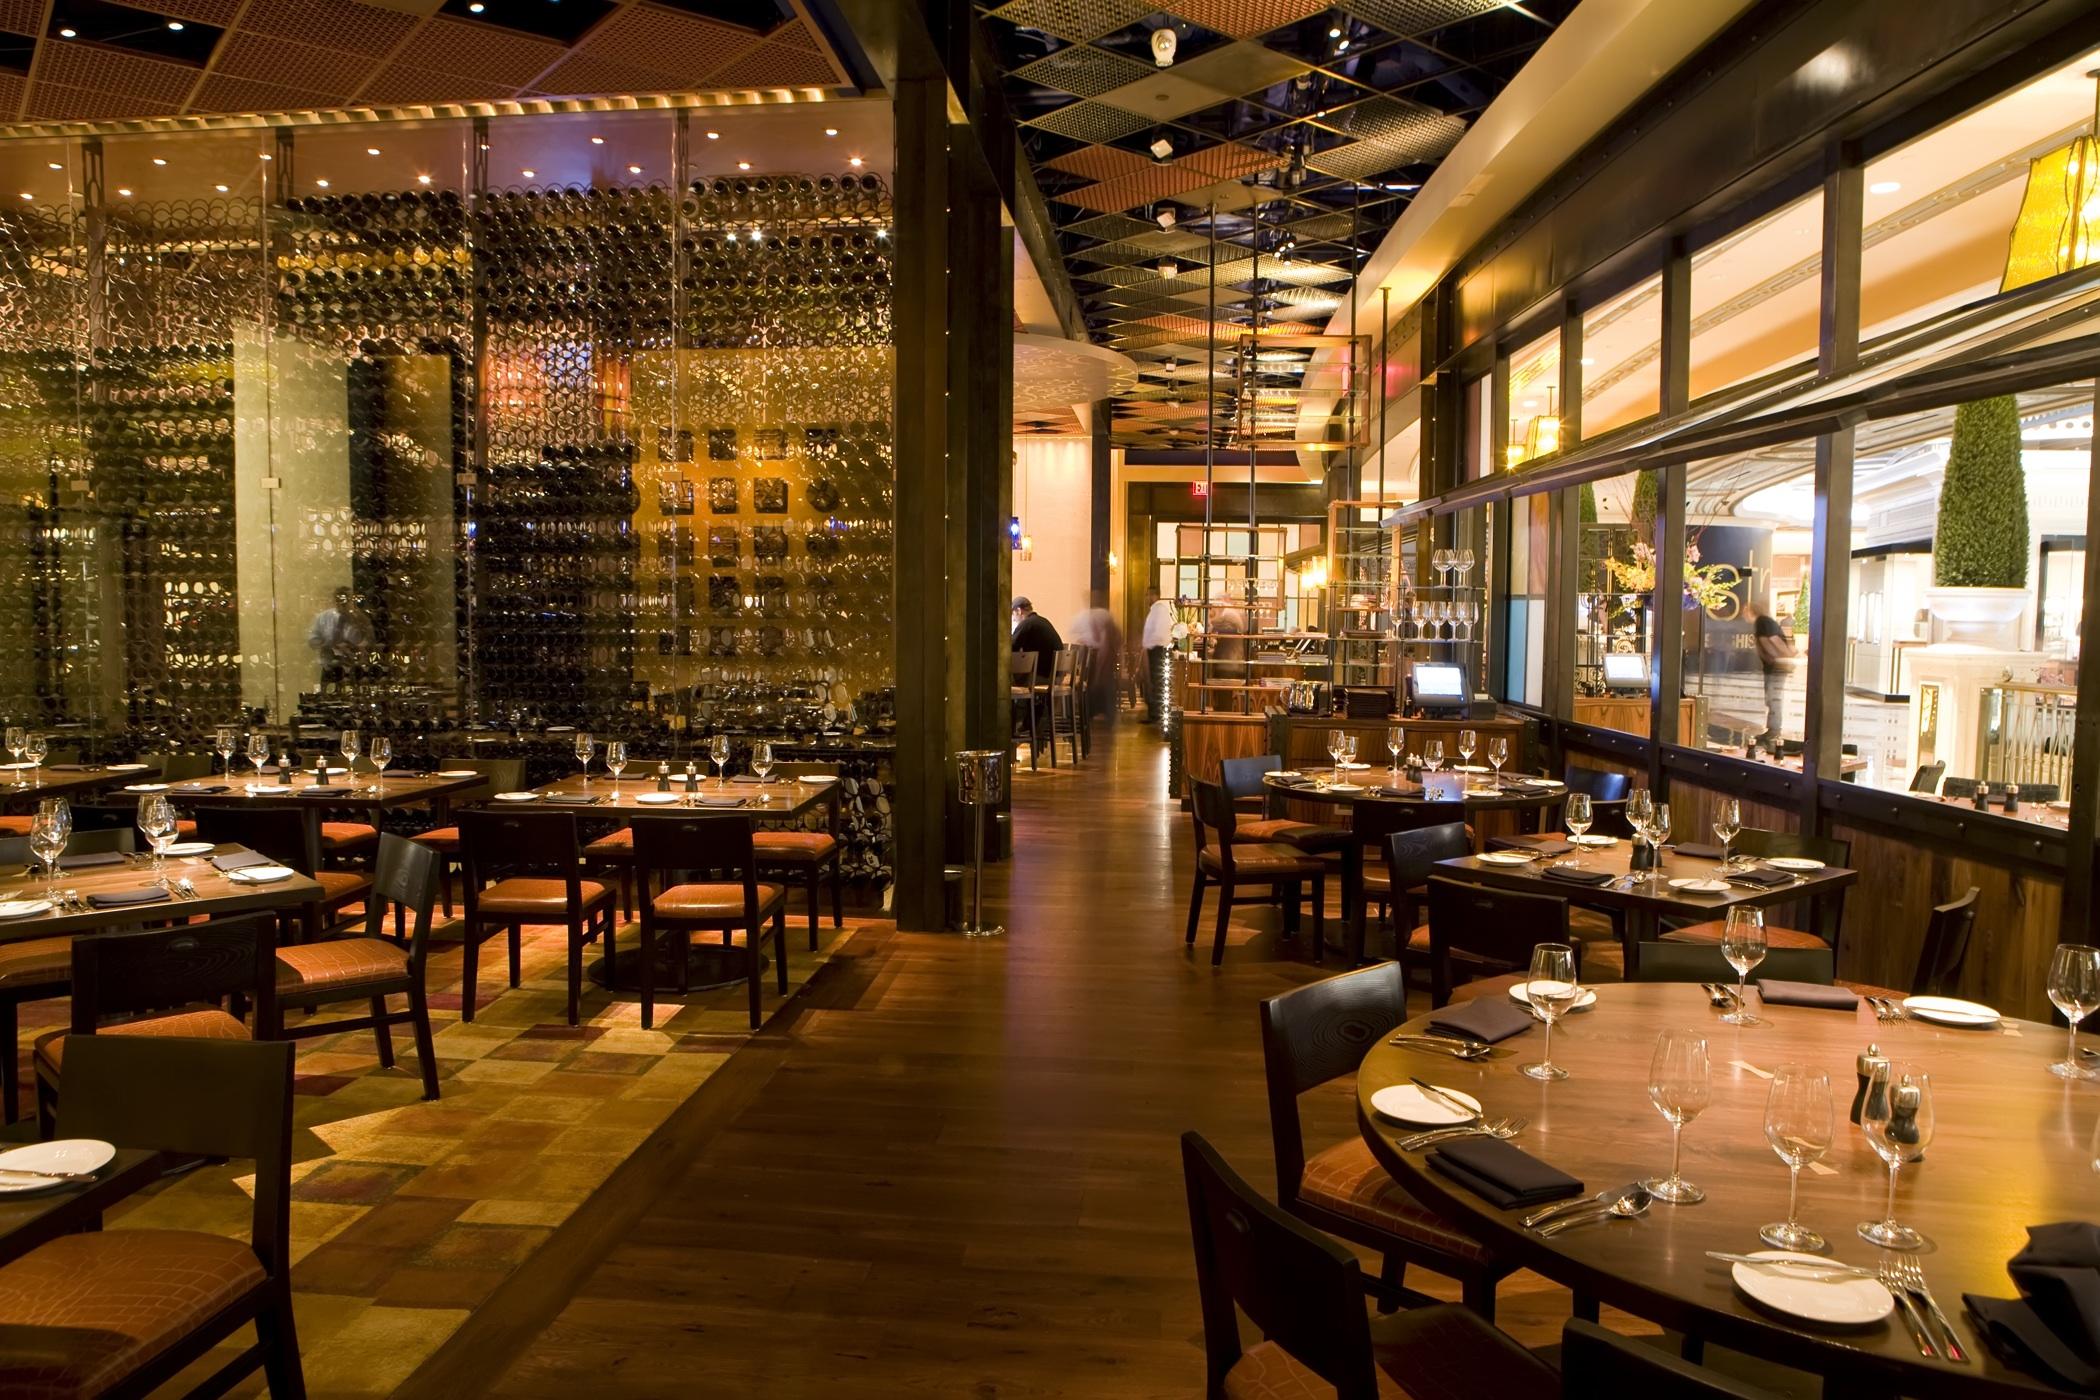 High-class dining at a high-classjoint.